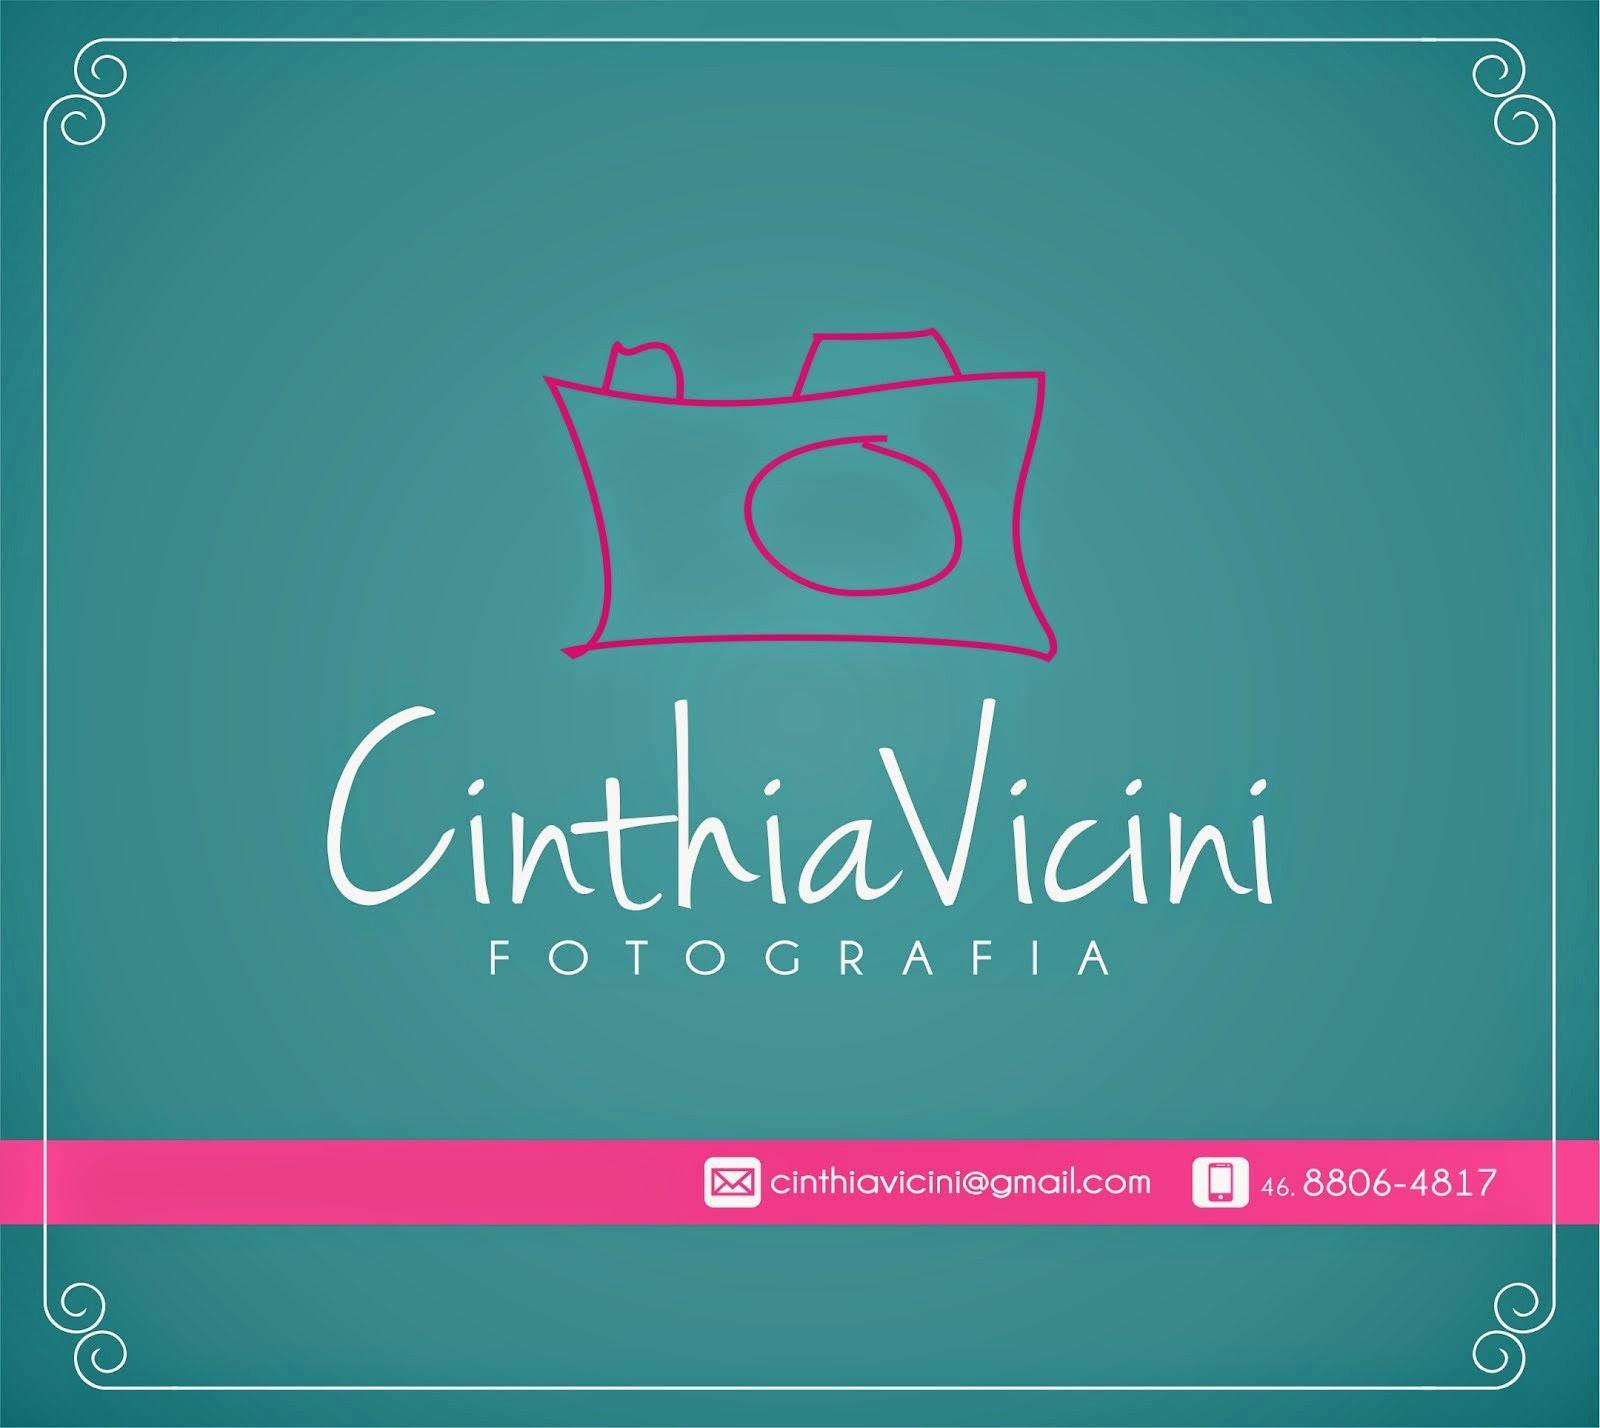 || FOTOGRAFIA || CINTHIA VICINI